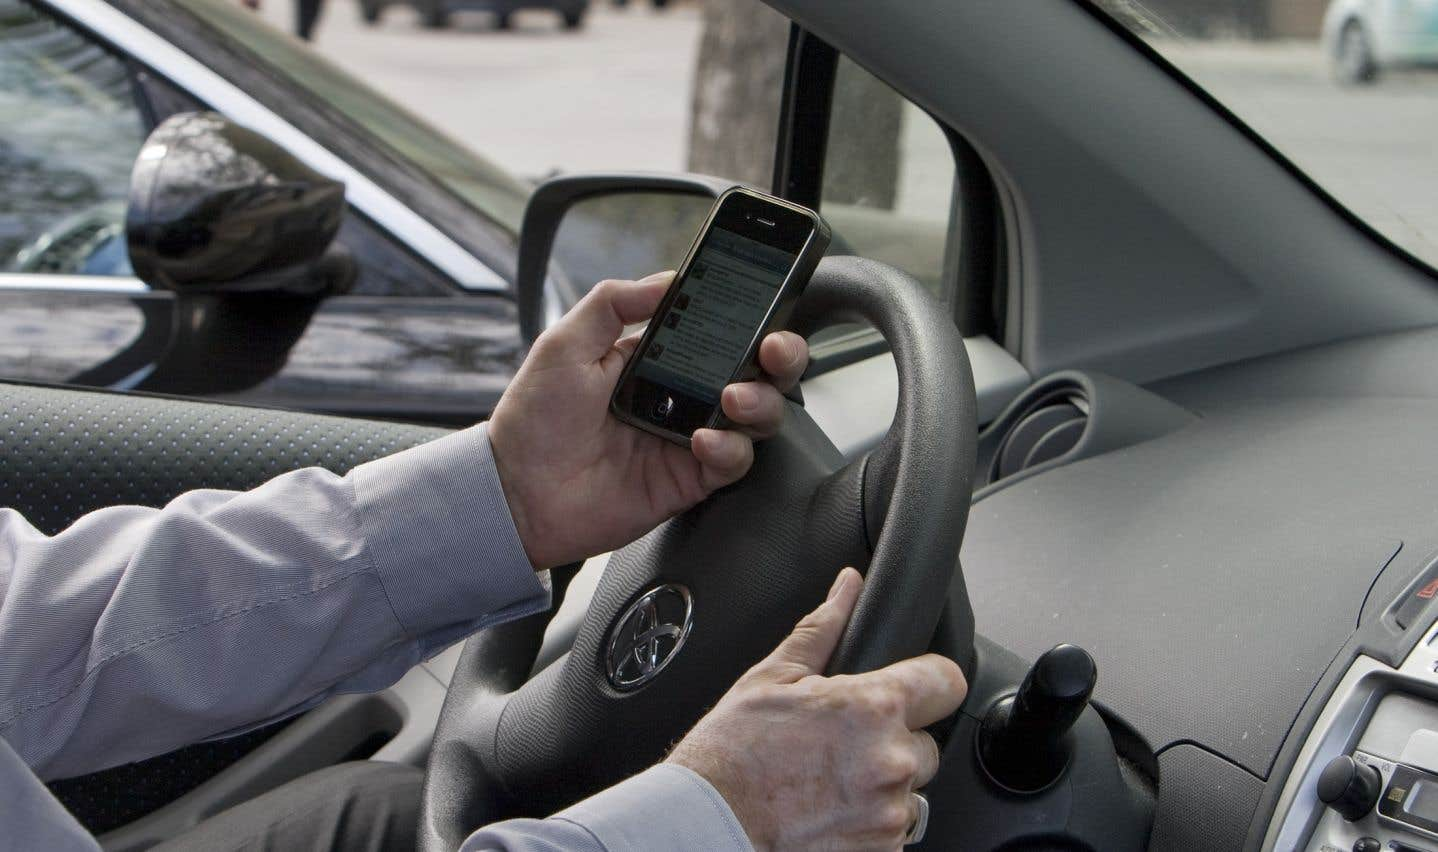 Le problème des textos au volant va en s'aggravant, croient les Canadiens